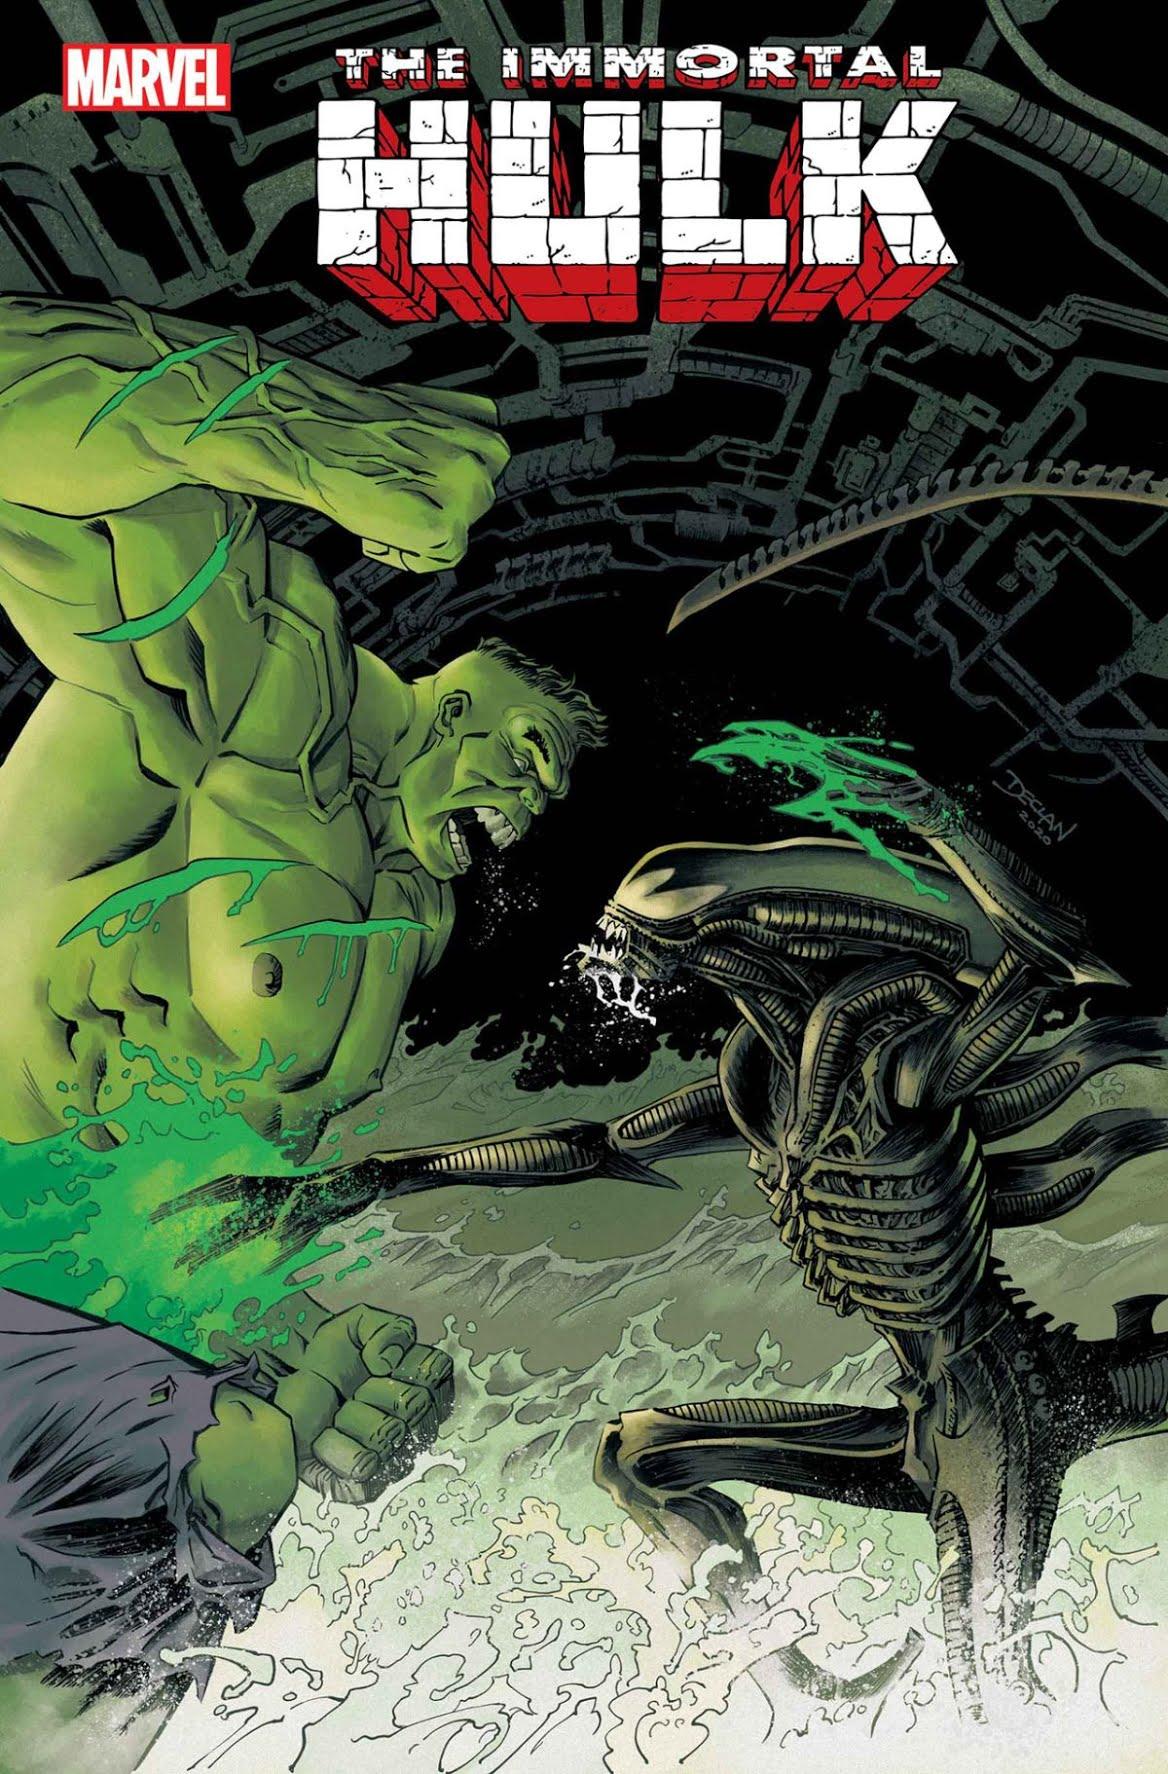 Marvel vs. Aliens Xenomorfi